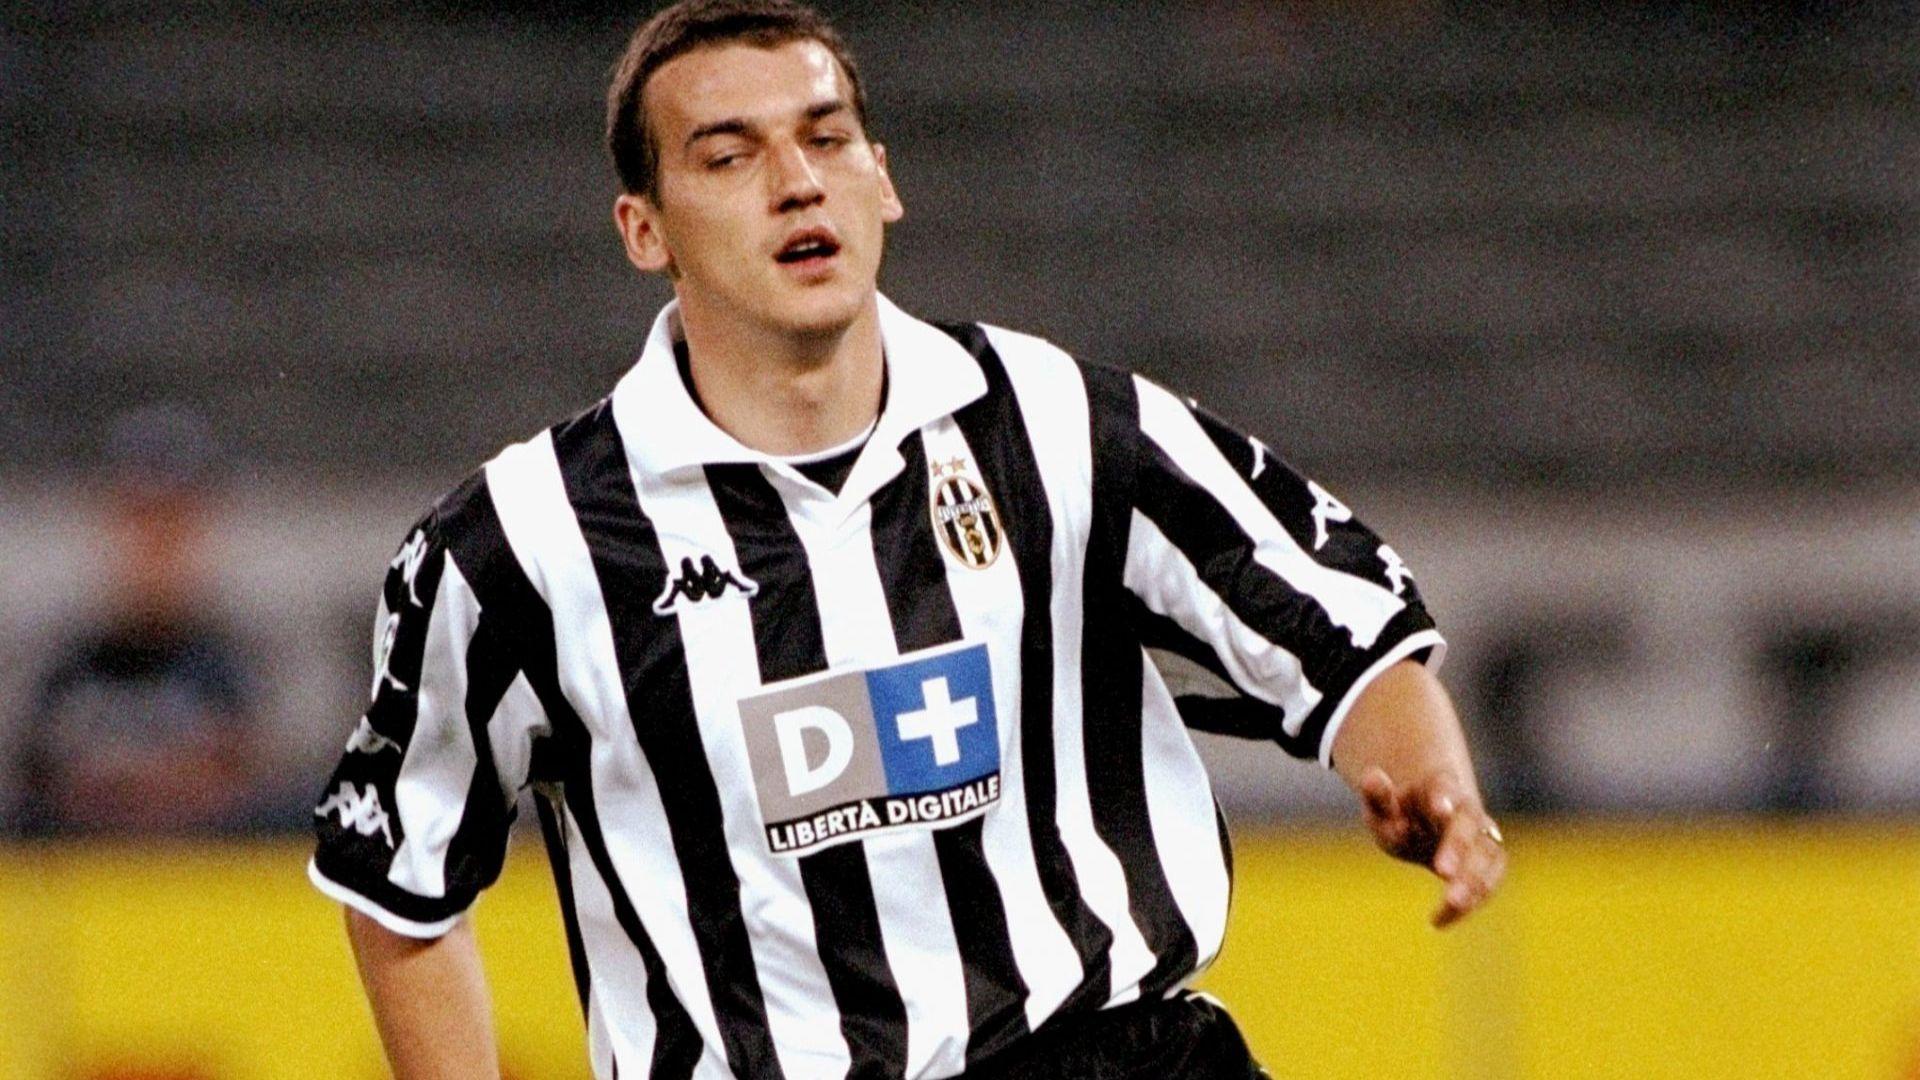 Стреляха по бившата футболна звезда Дарко Ковачевич (видео)